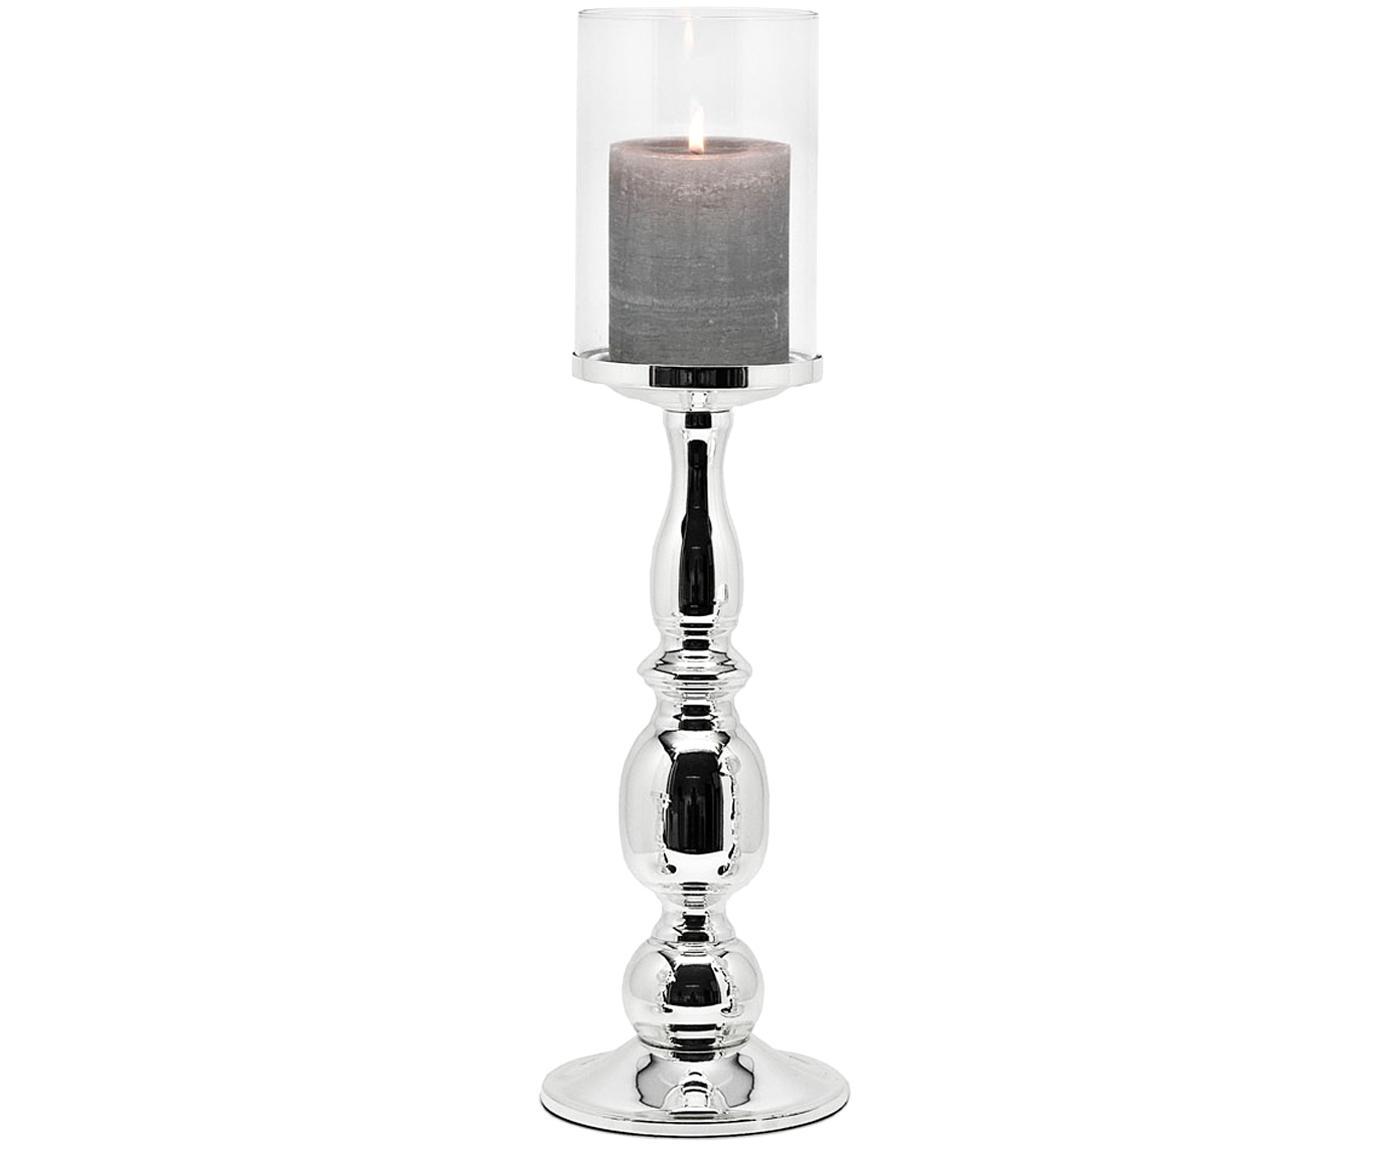 Großes Windlicht Irina, Windlicht: Glas, Transparent, Silber, H 45 x Ø 13 cm